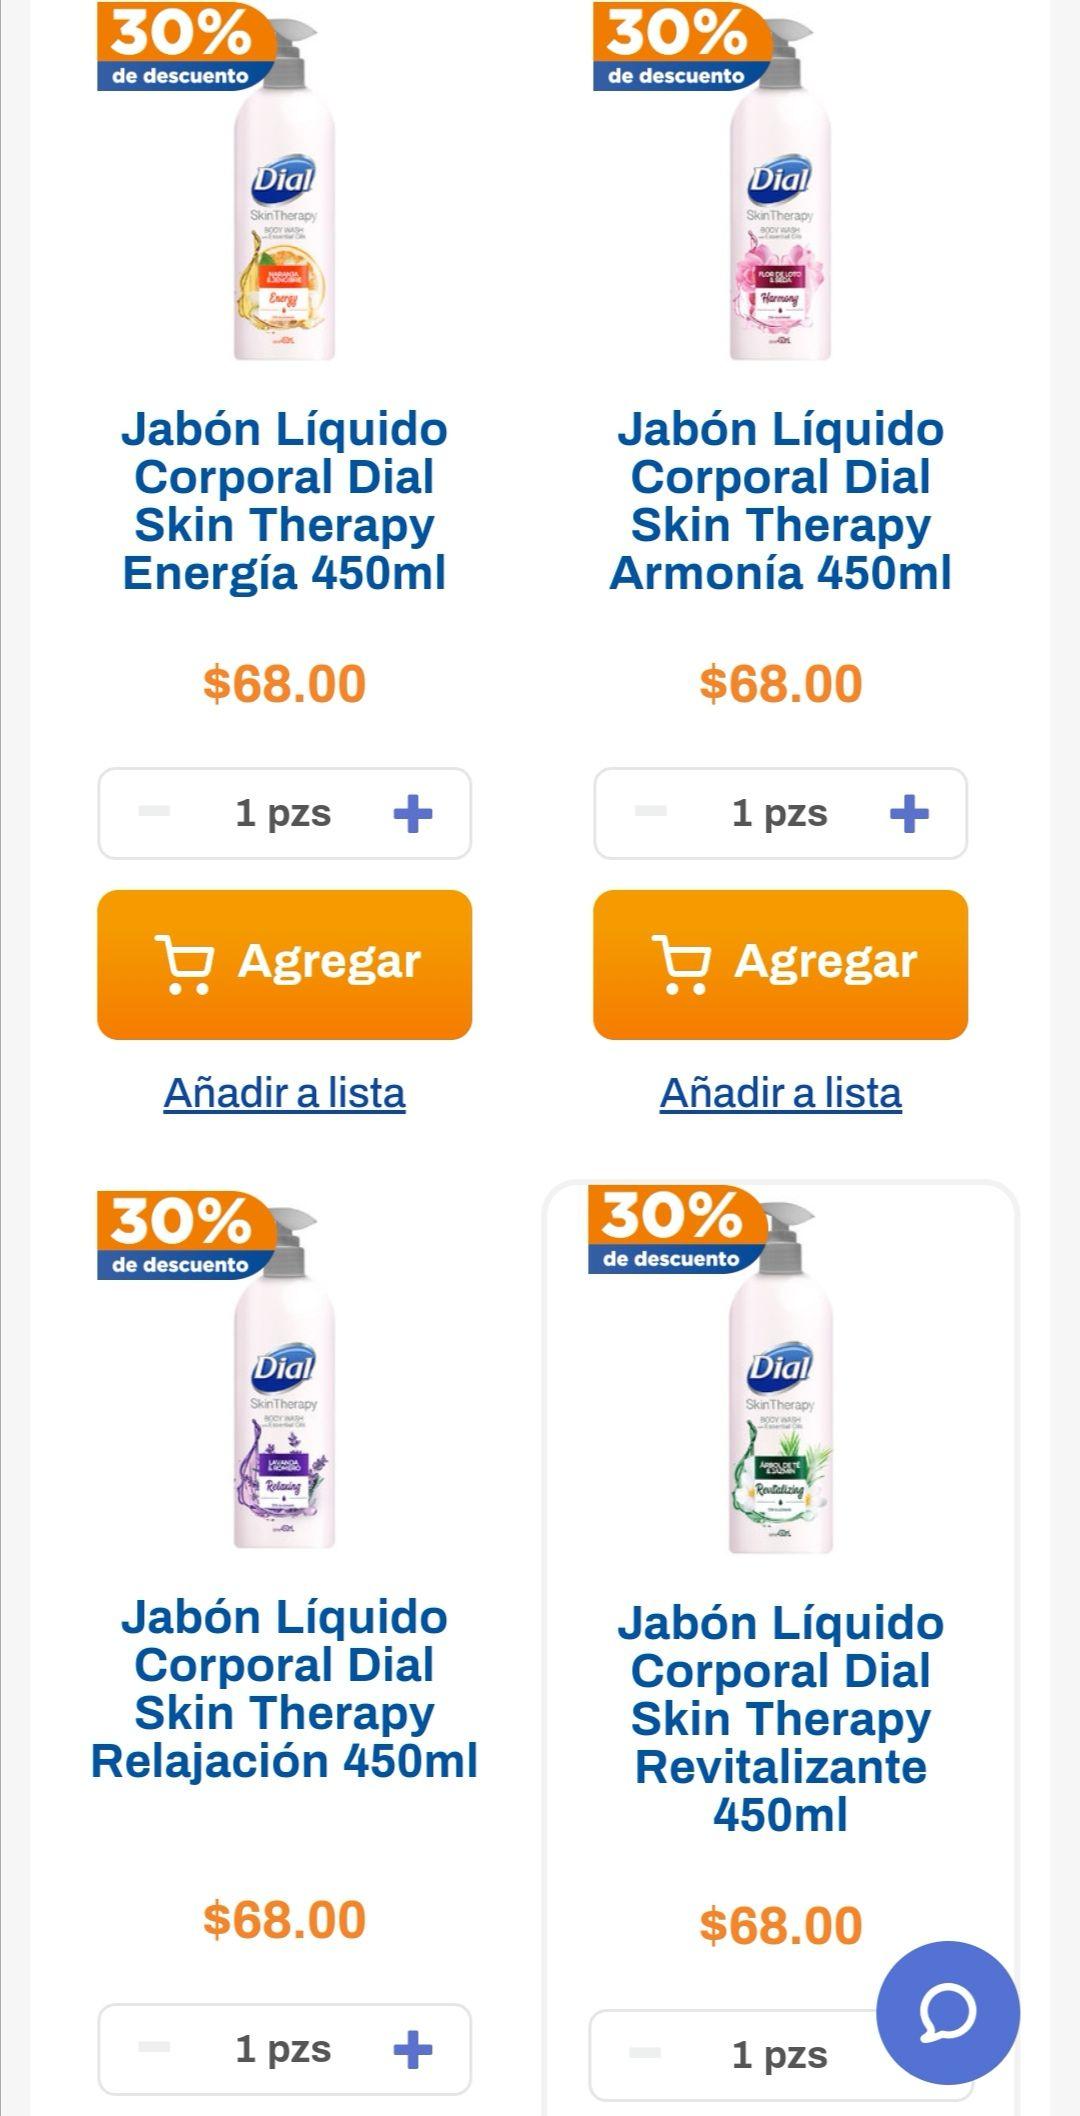 Chedraui: 30% de descuento en jabón líquido Dial Skin Therapy + Envío gratis